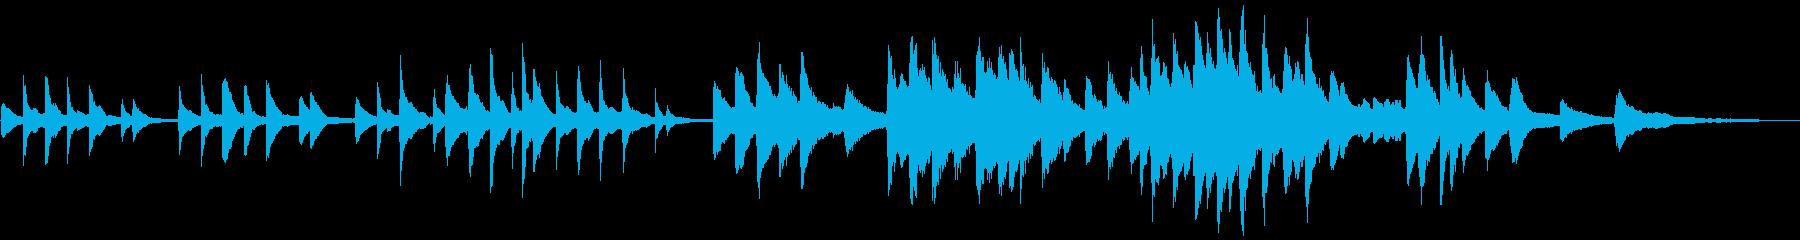 ピアノと星空の短いバラード(SB版)の再生済みの波形